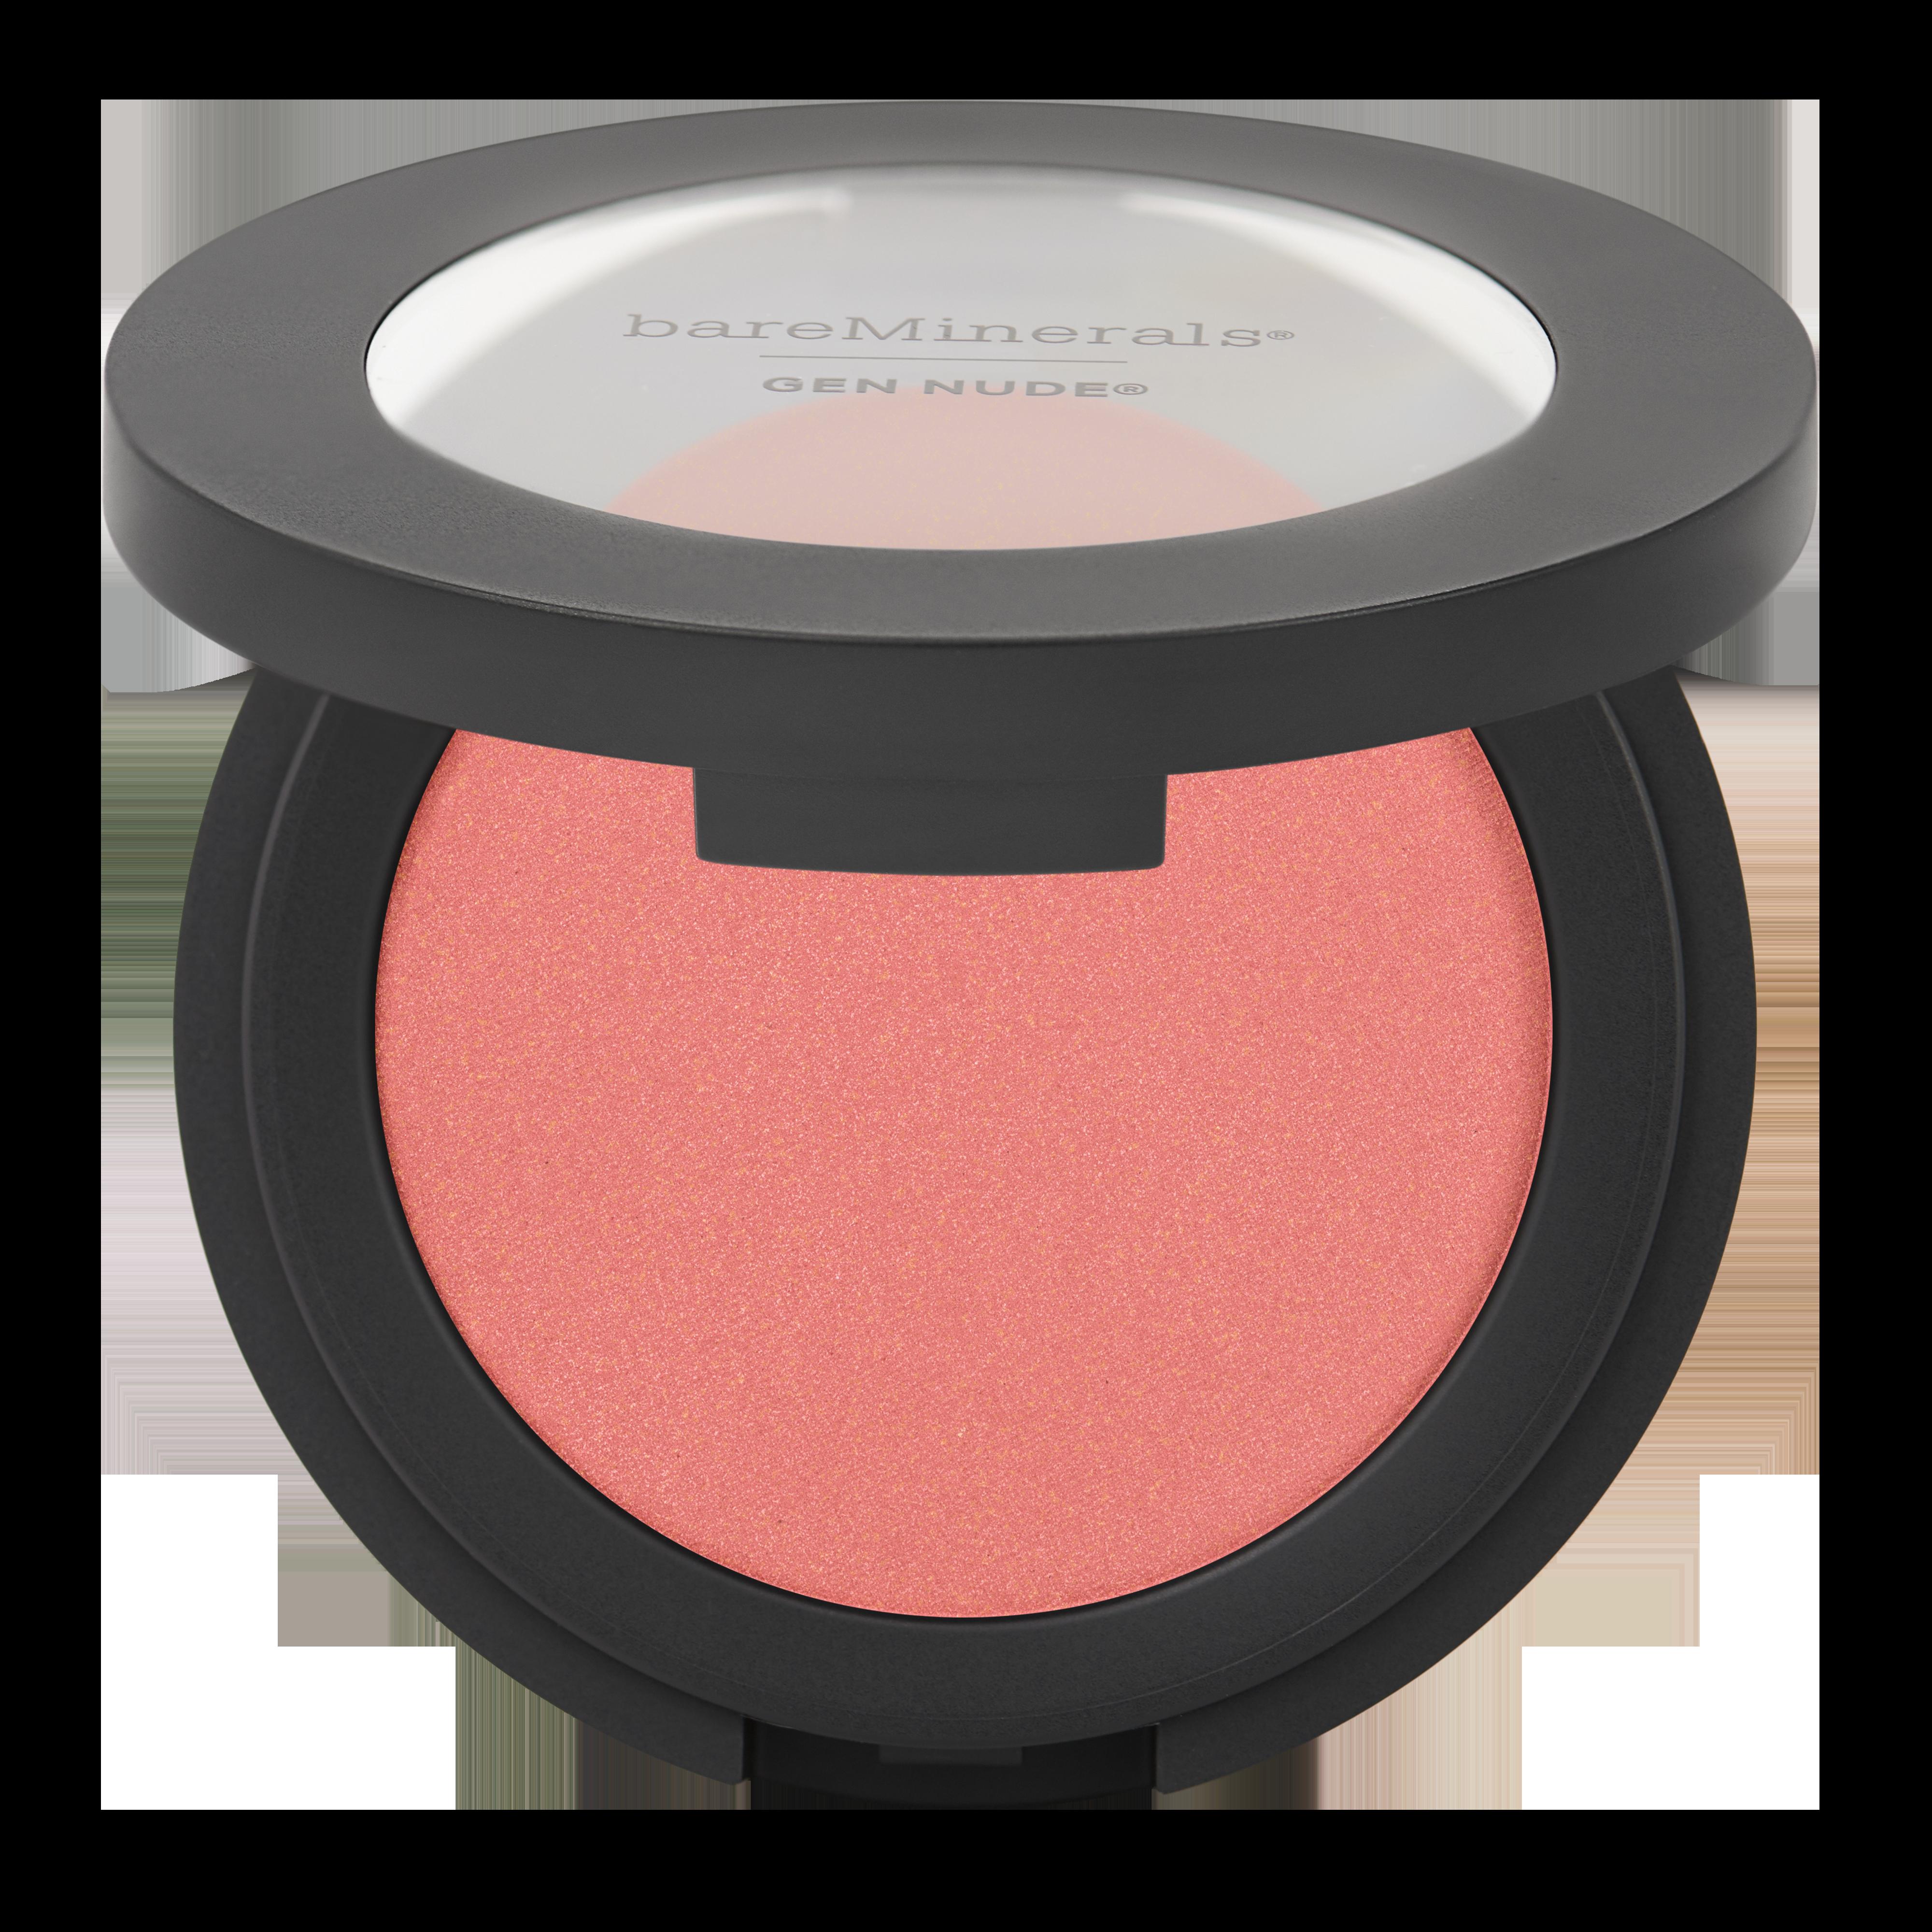 Gen Nude Powder Blush Pink Me Up